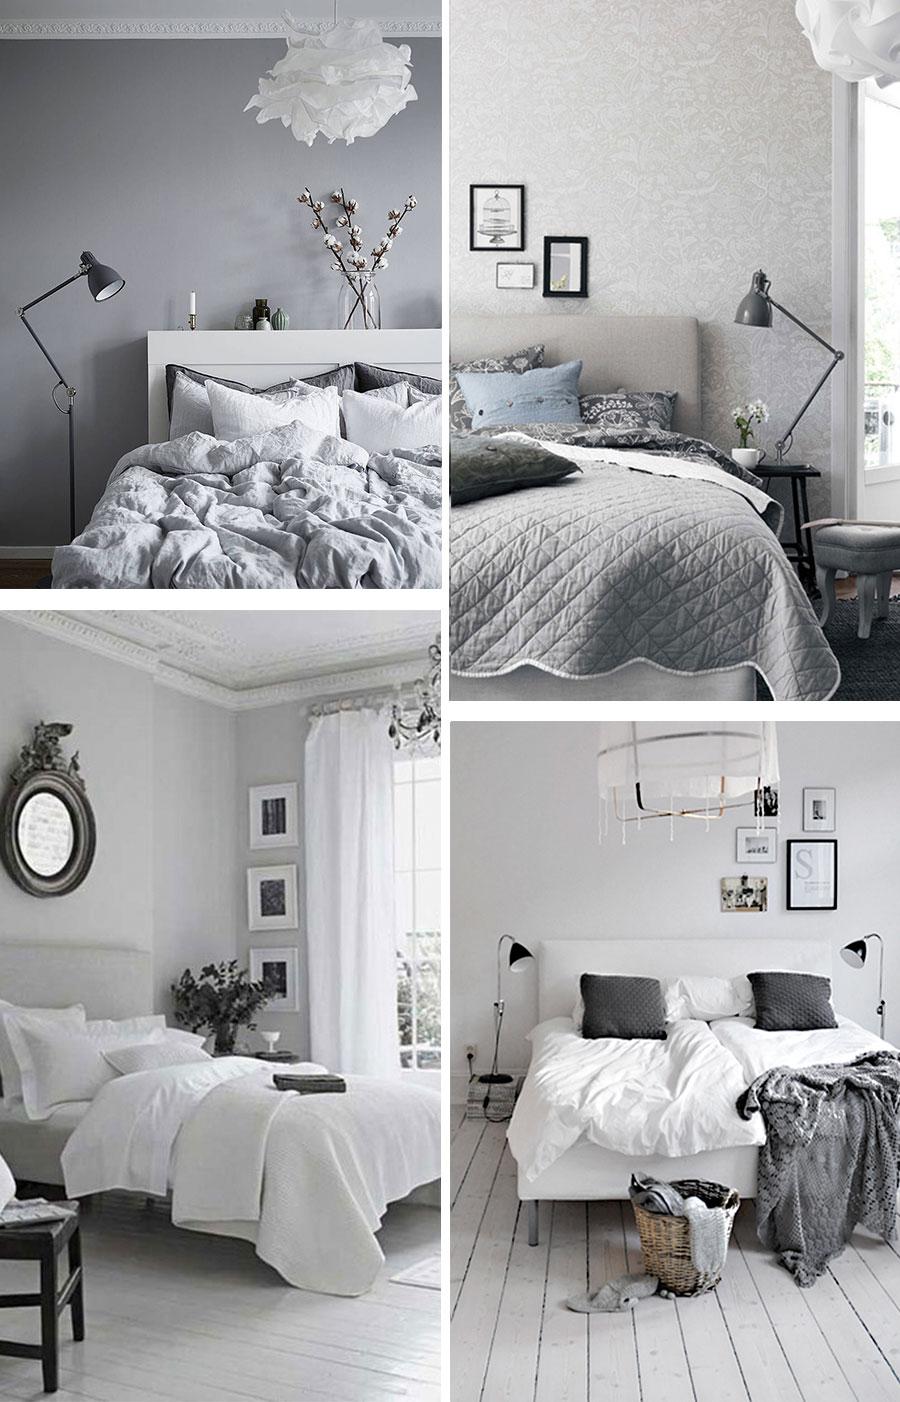 Blog de moda y lifestyle new trendy home deco for Corredor deco blanco y gris